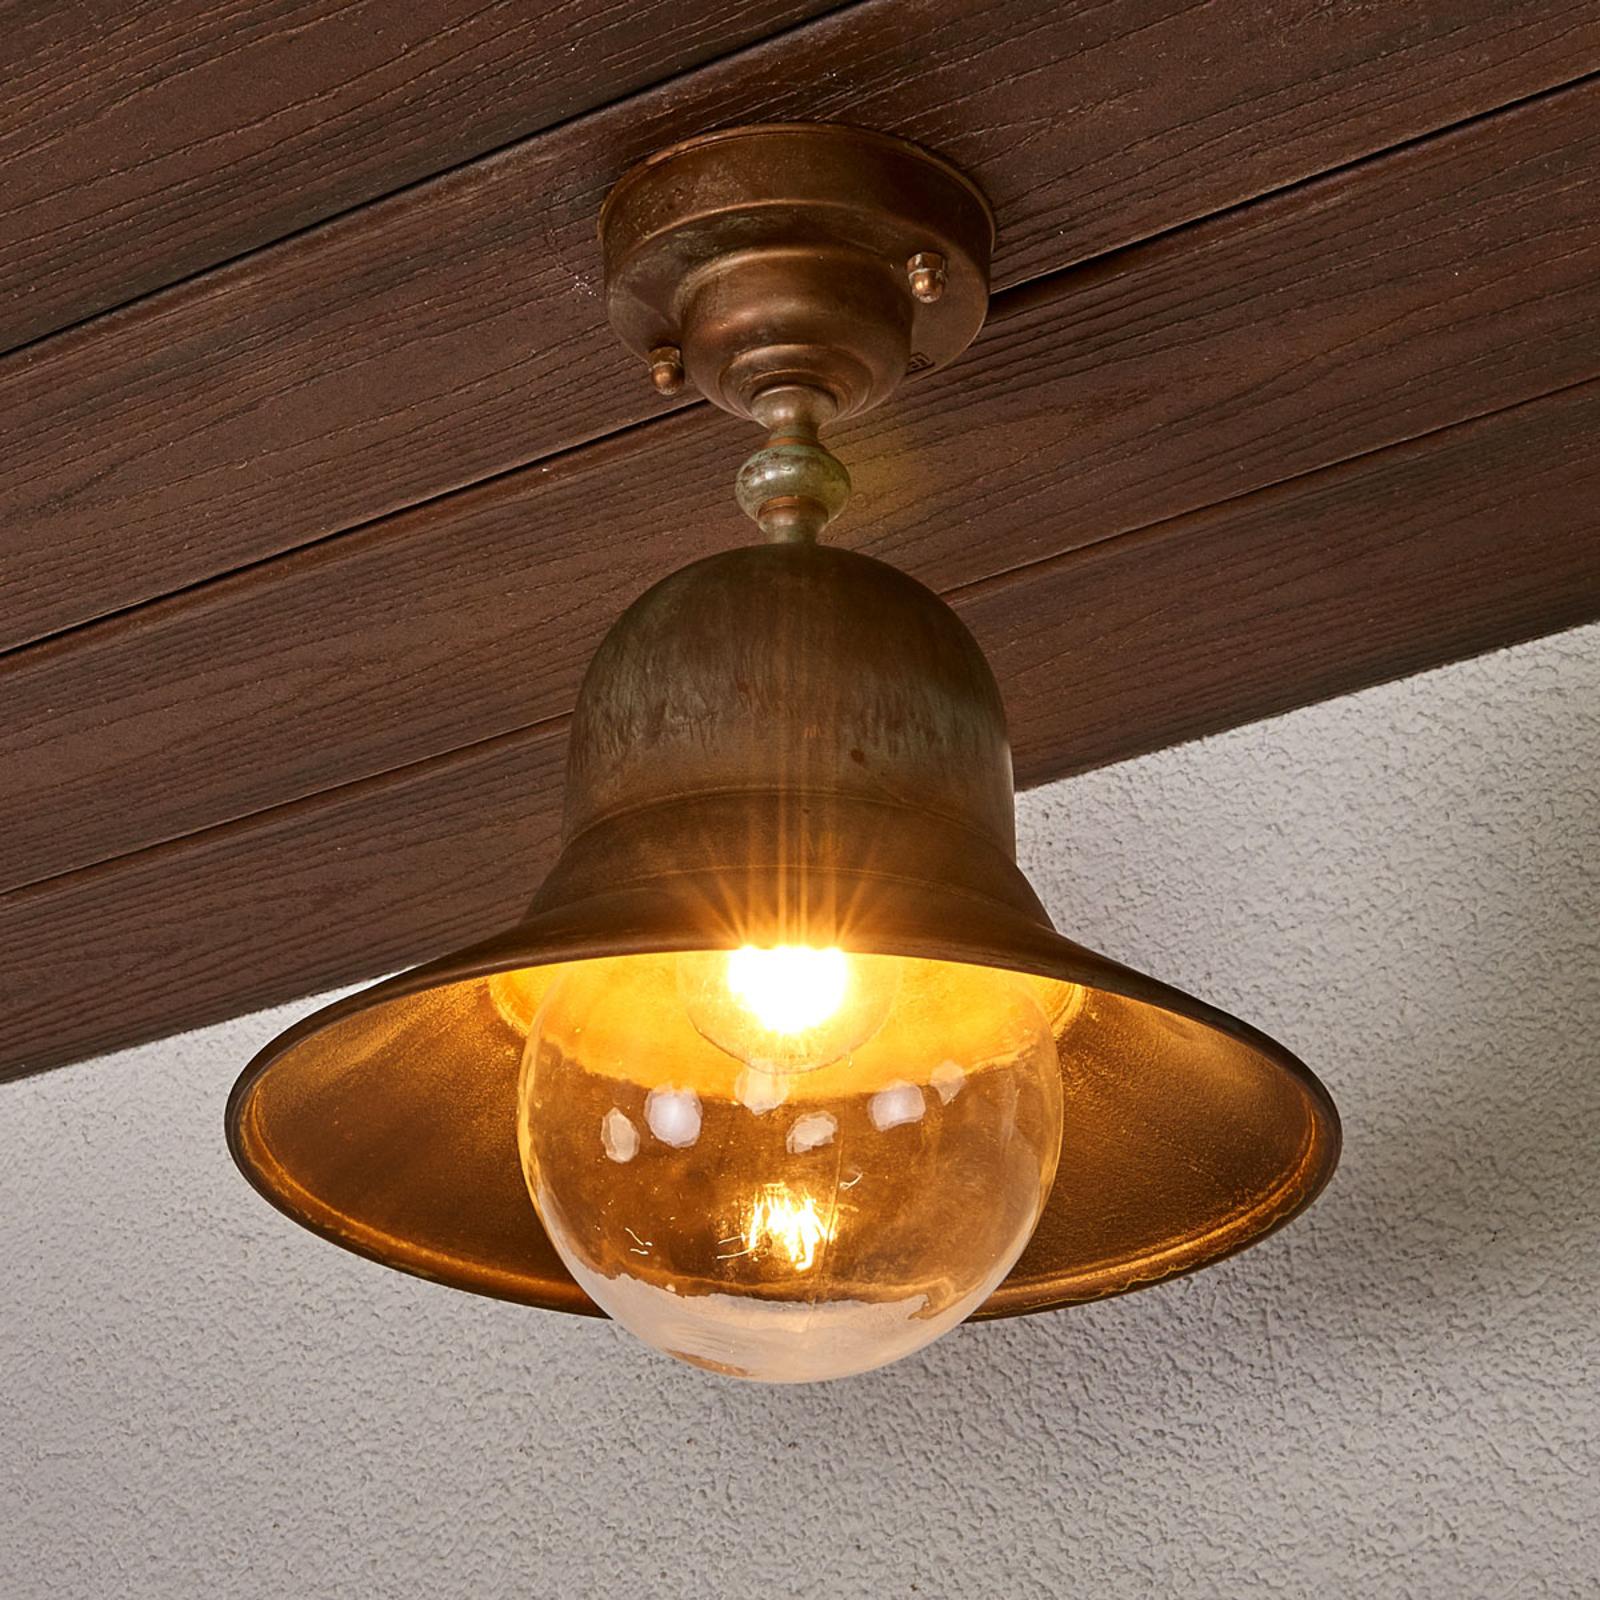 Zewnętrzna lampa sufitowa Marquesa z mosiądzu